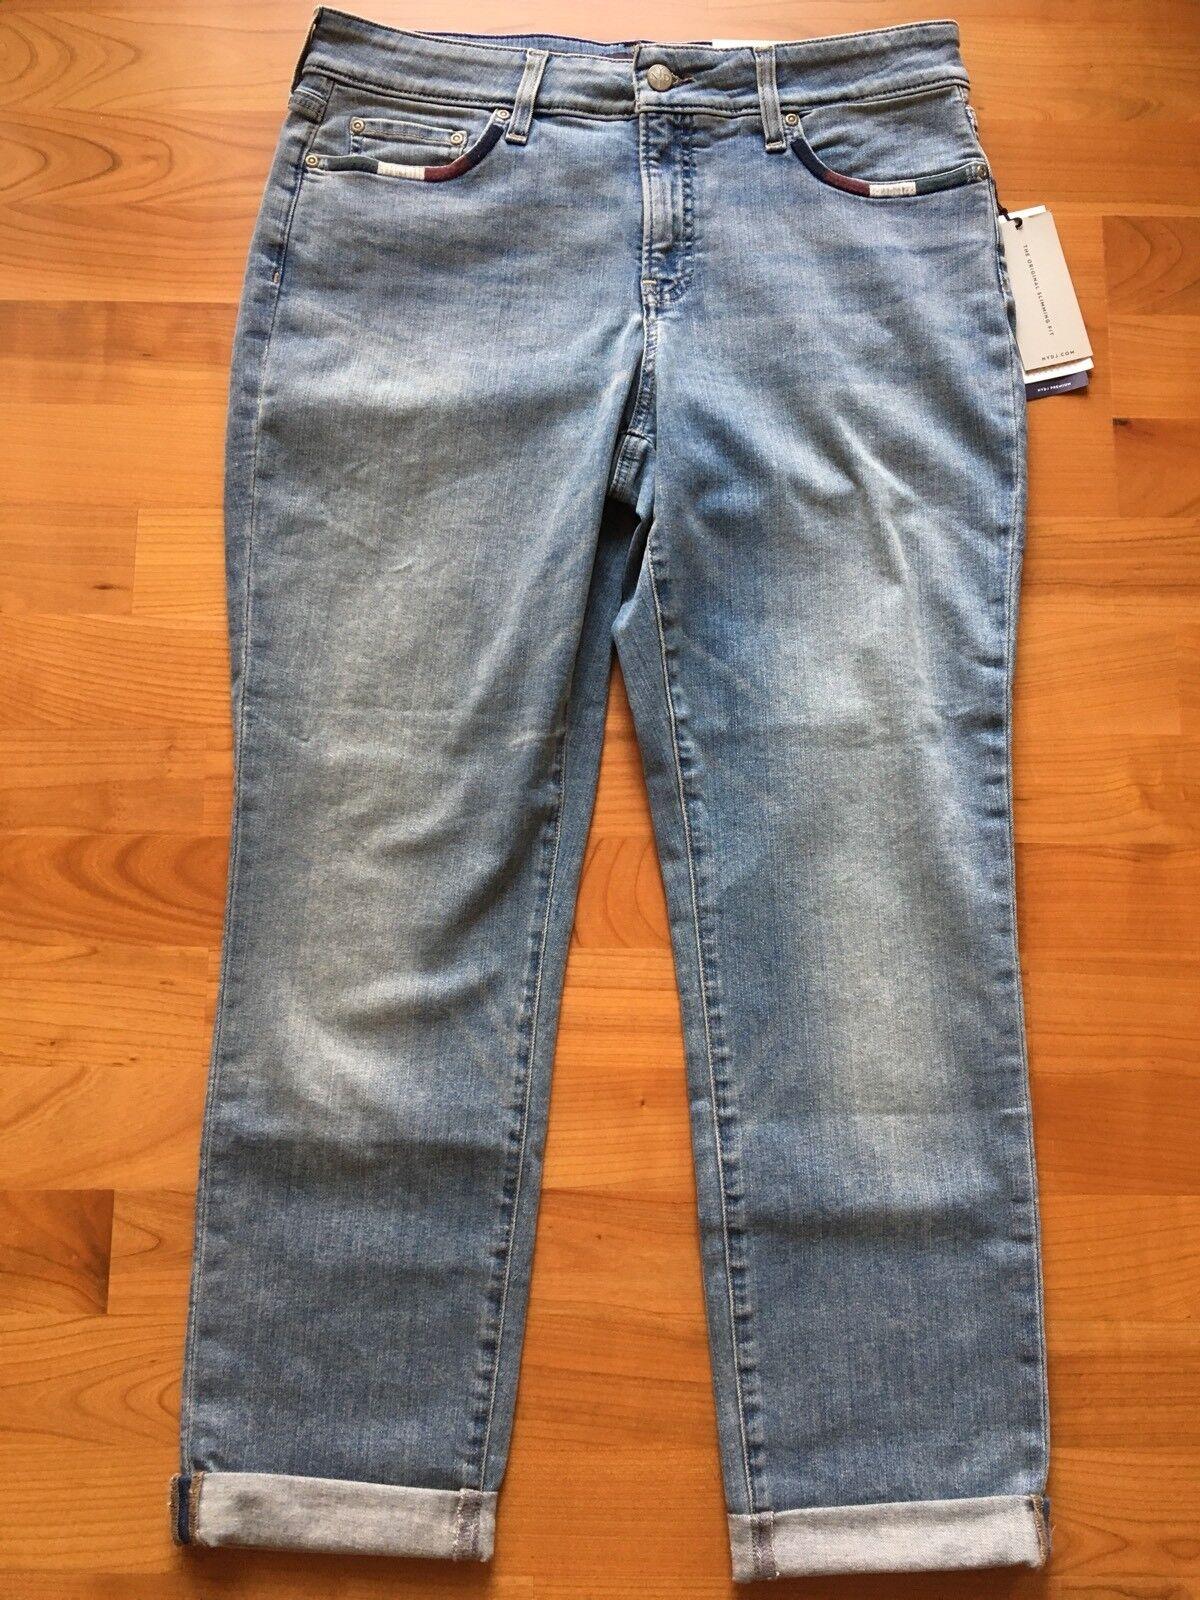 NYDJ Boyfriend Jeans Wrap Stitch Detail Westland M66Z2032 Sizes 12 and 14